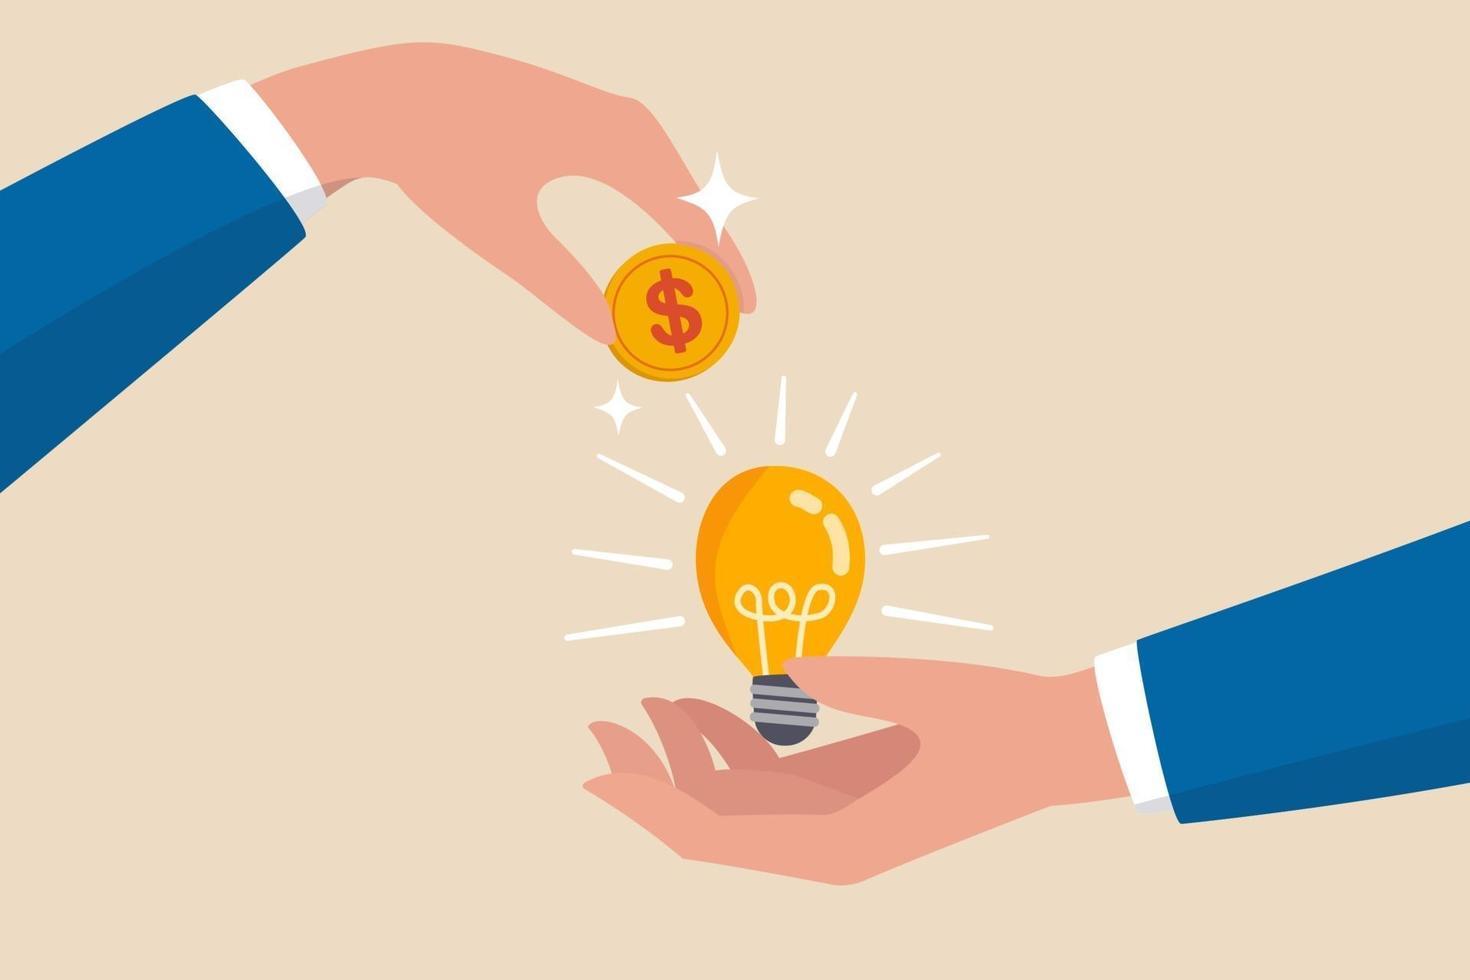 publikfinansiering, nya affärer eller starta upp företag för att få pengar eller riskkapital för att stödja eller sponsra affärsidé vektor